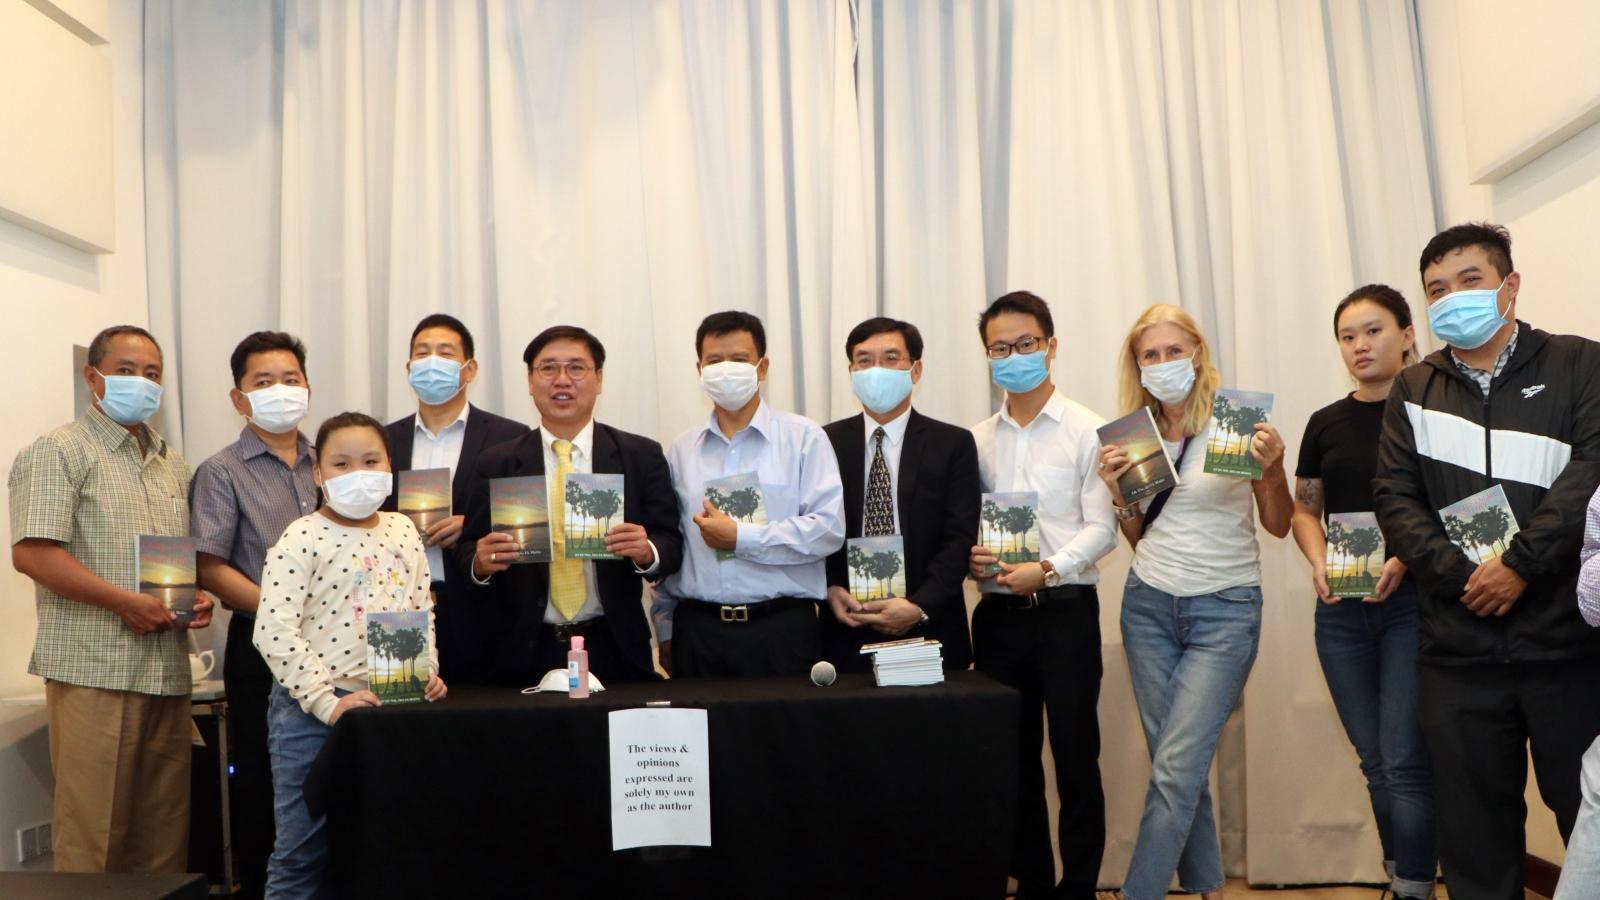 Ra mắt sách nhân kỷ niệm 42 năm ngày giải phóng Campuchia